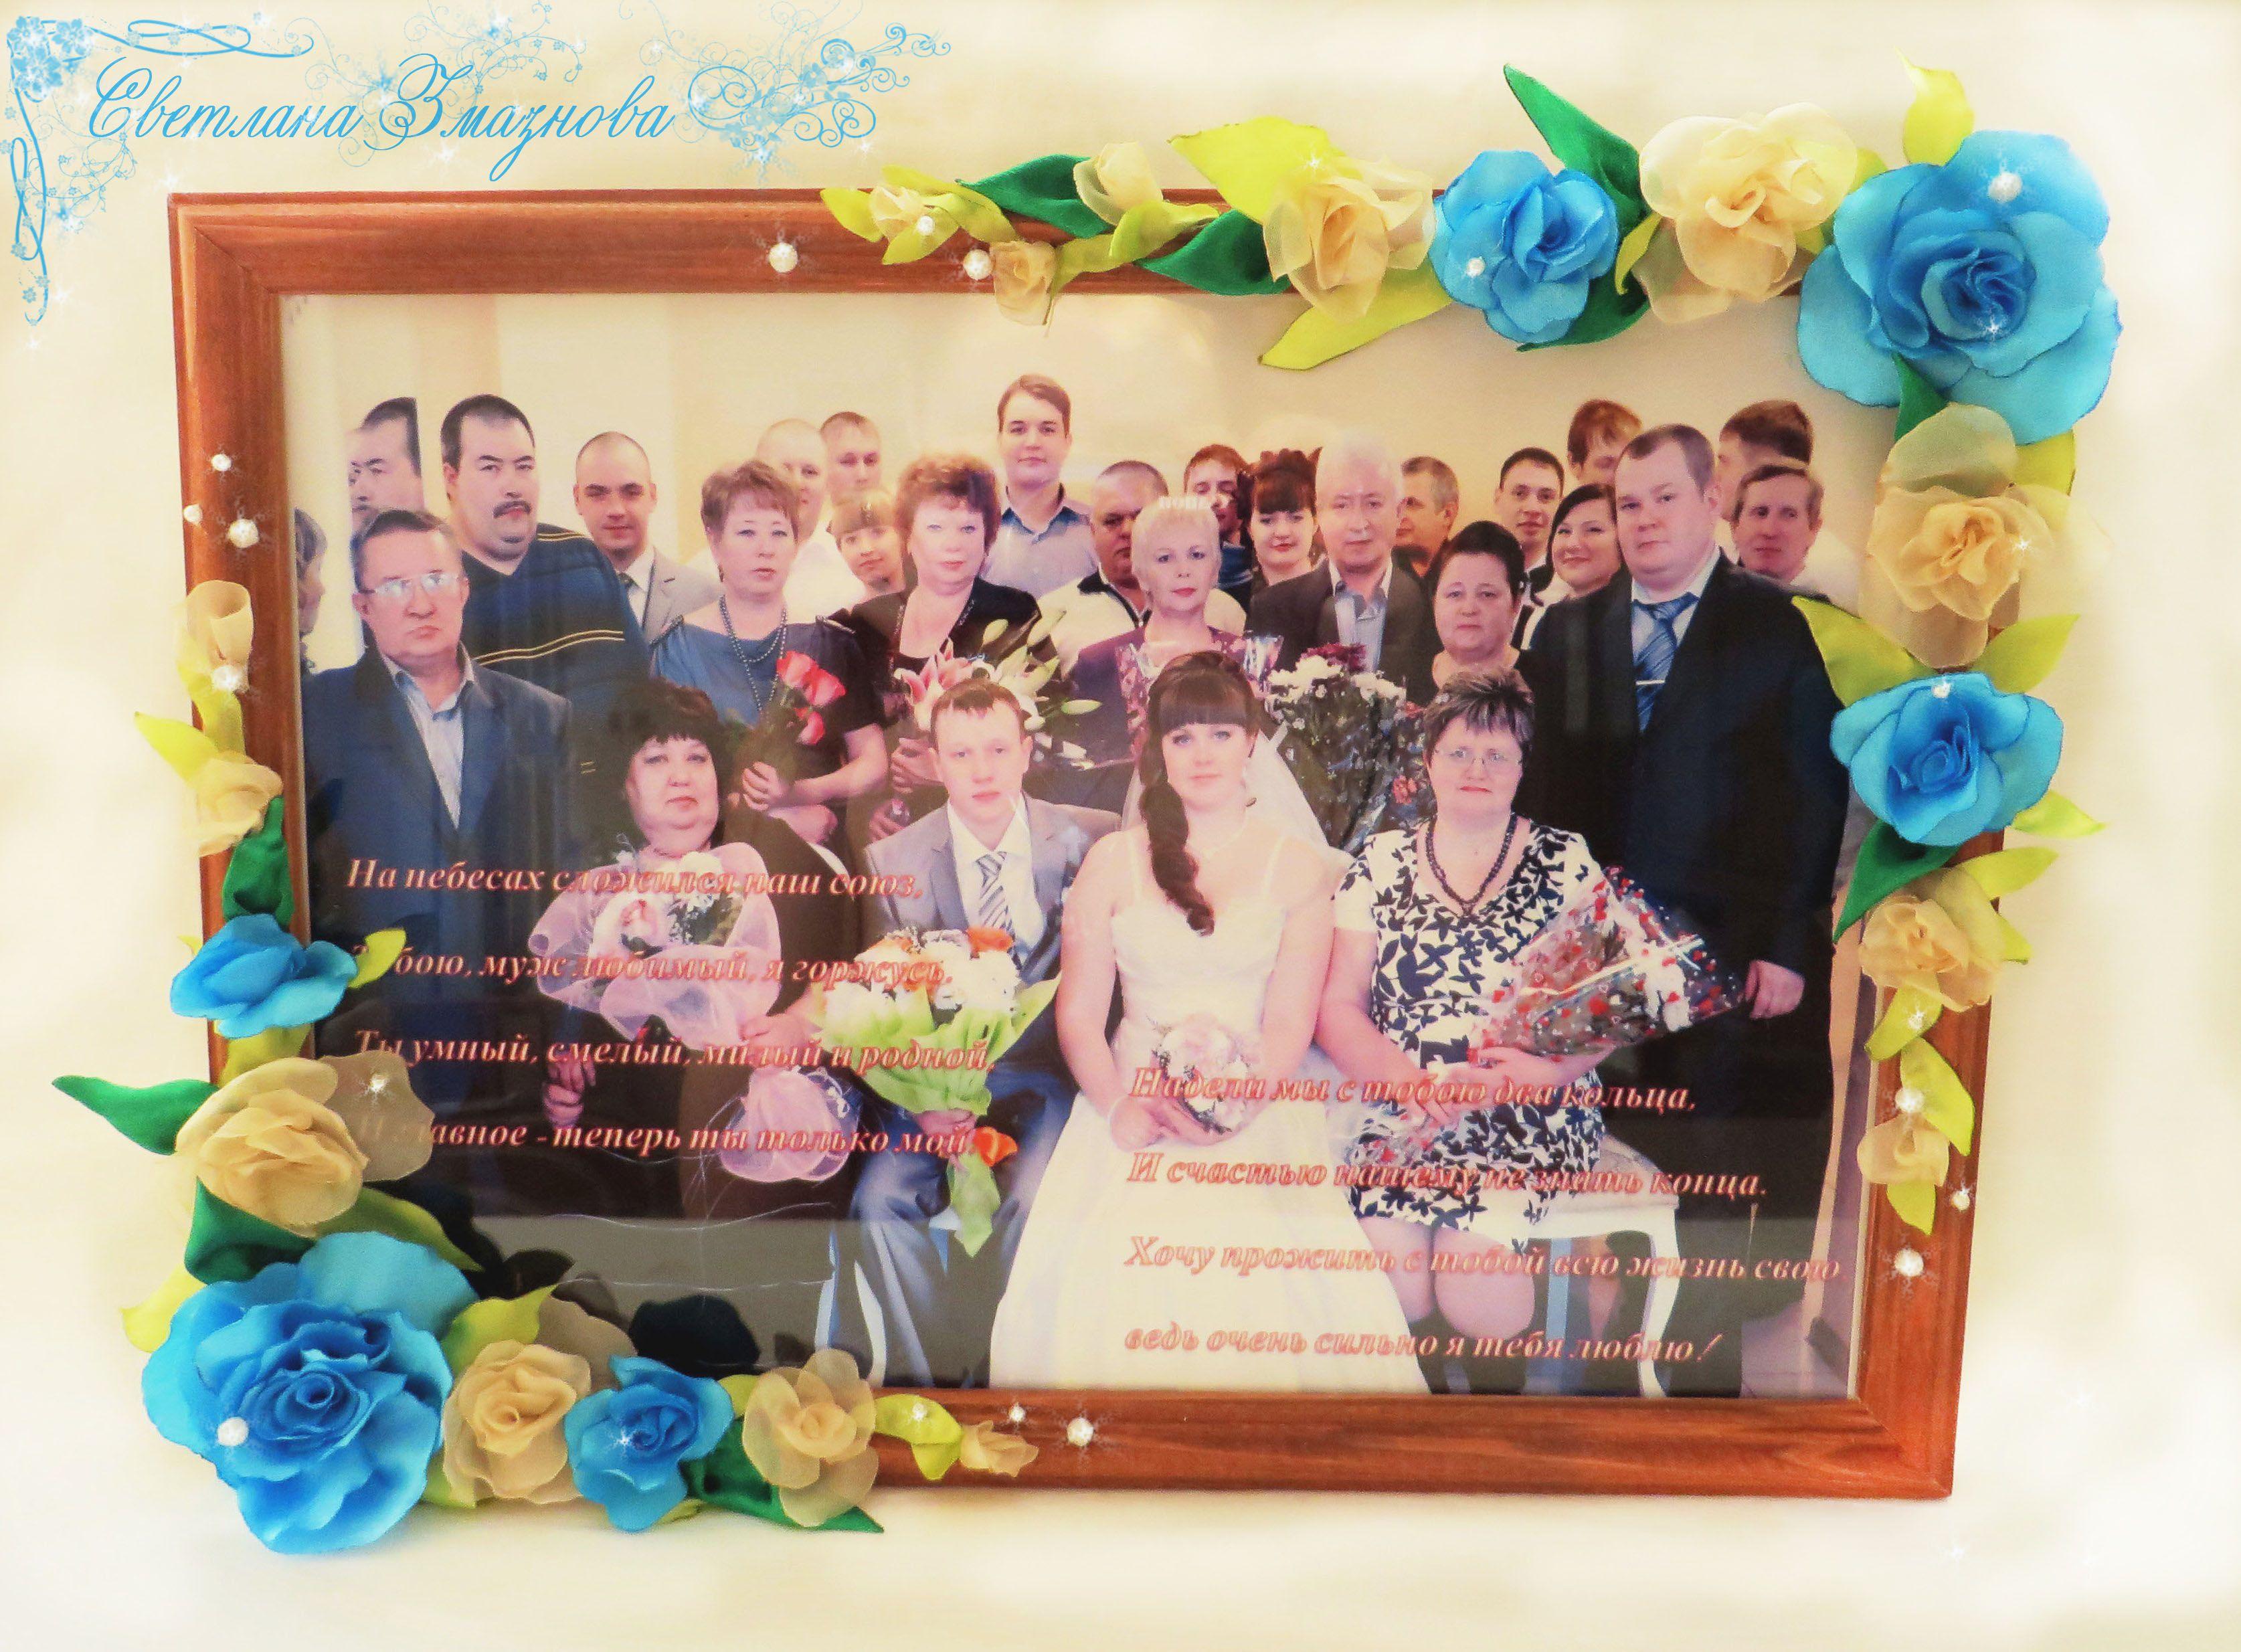 излент рамки изткани фото ручная декор интерьер работа подарок